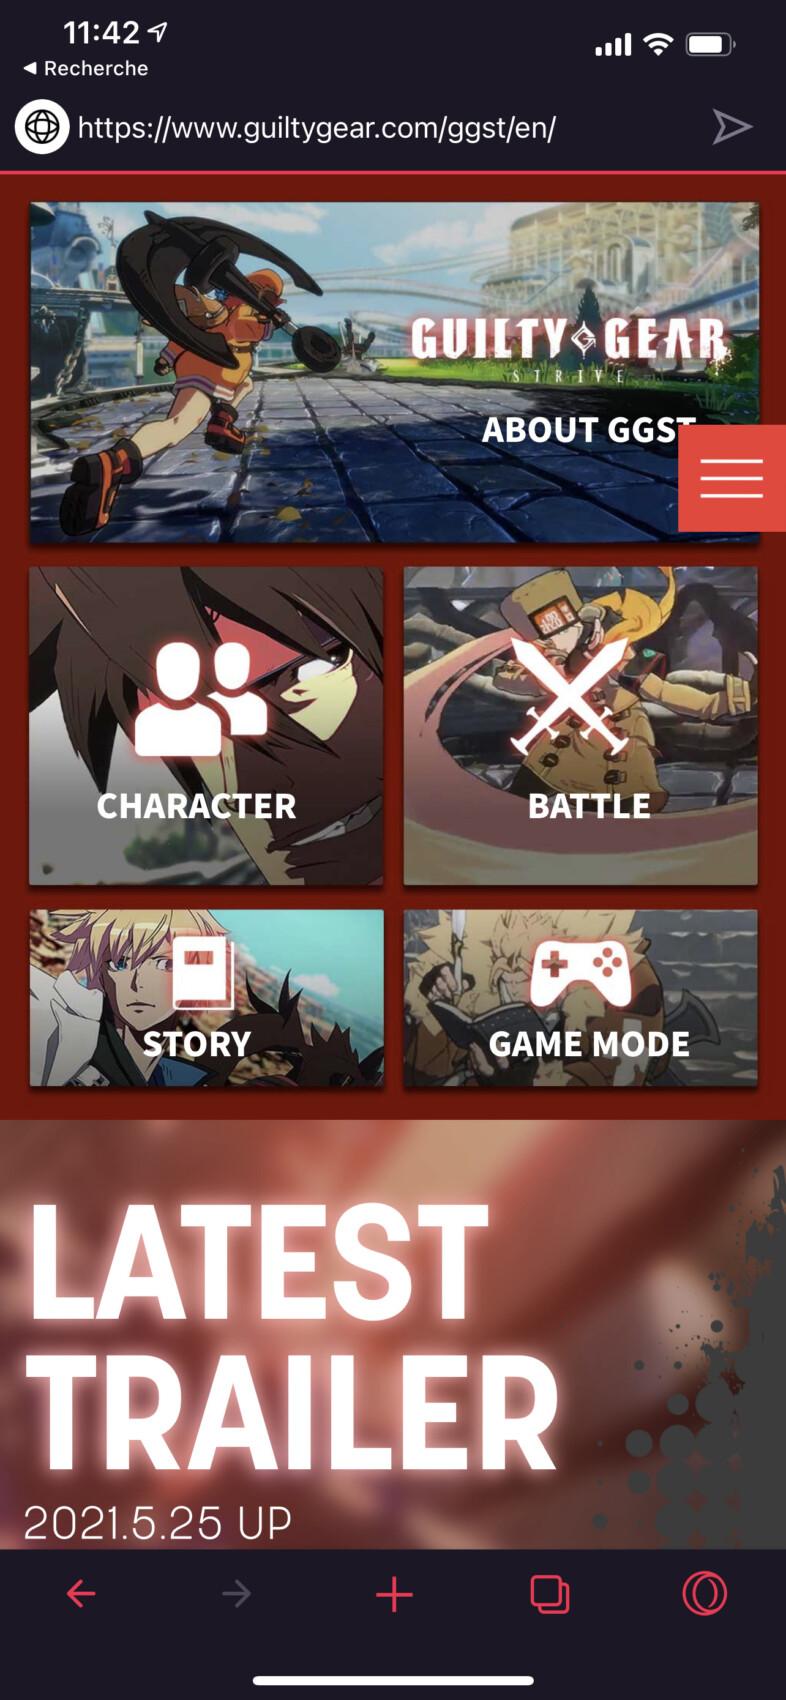 En cliquant sur le titre d'un jeu, vous êtes orientés vers le site officiel